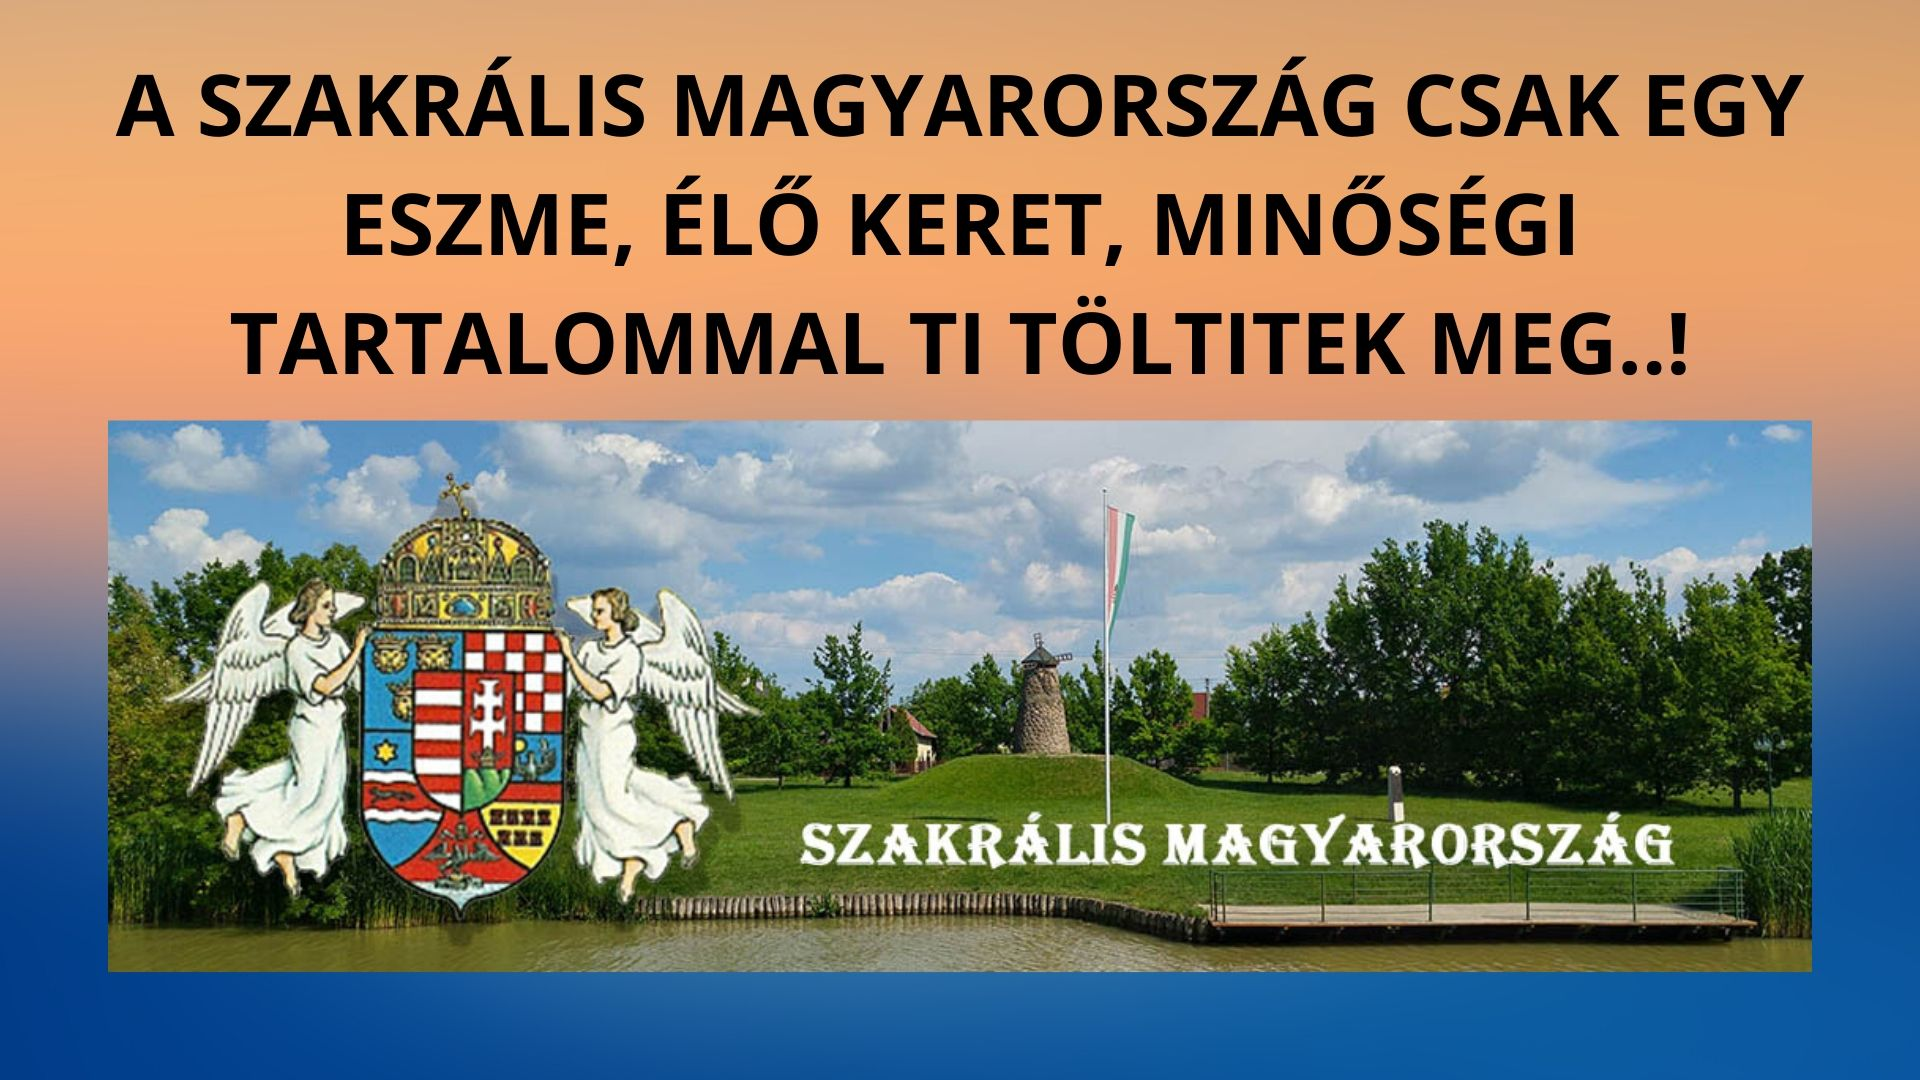 Sacra Hungarorum